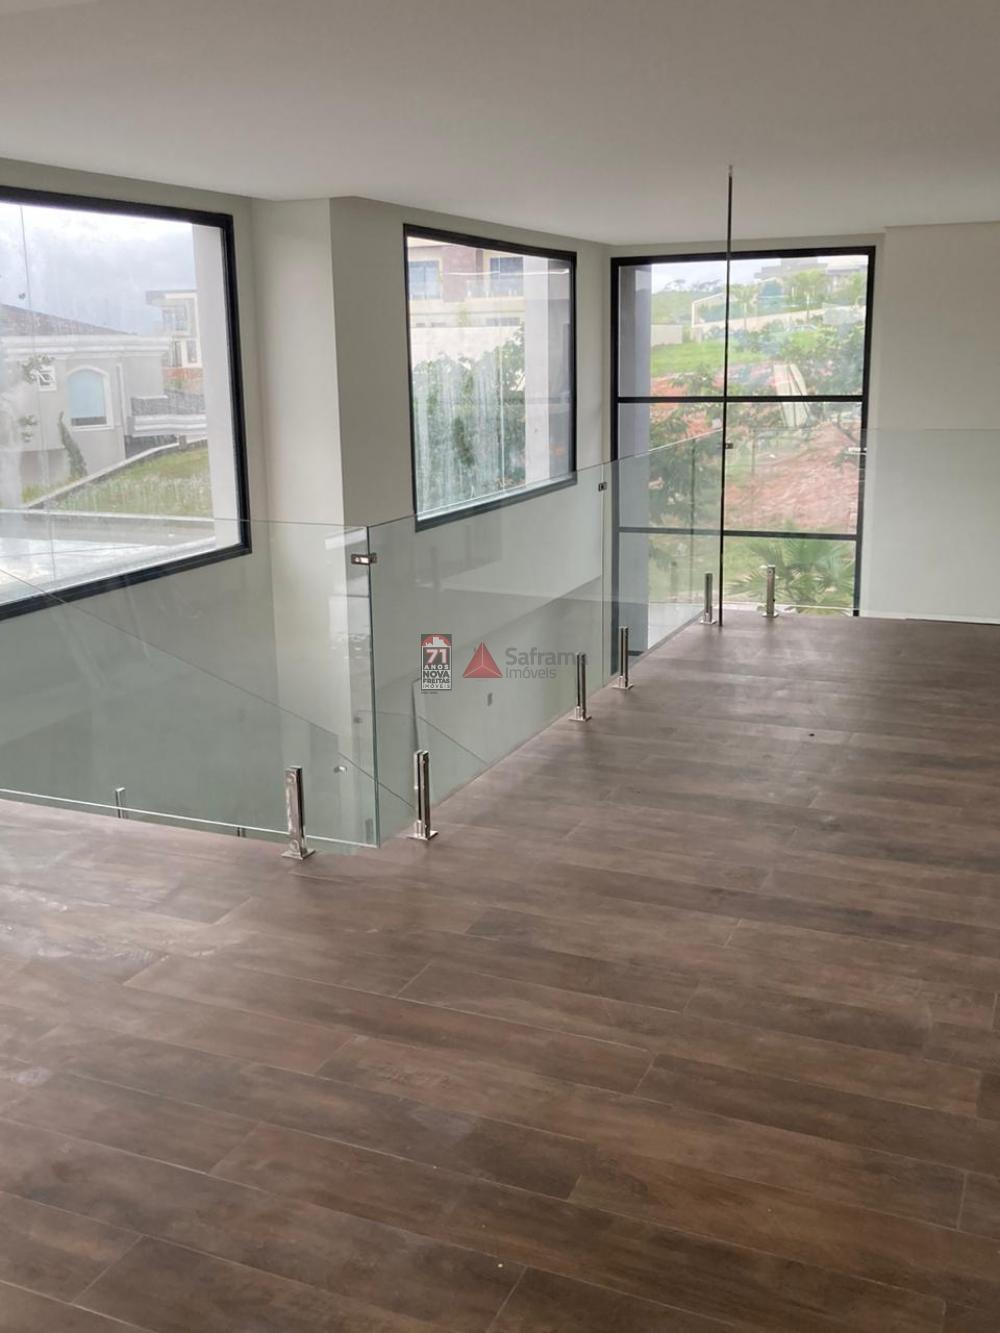 Comprar Casa / Sobrado em Condomínio em São José dos Campos apenas R$ 3.000.000,00 - Foto 11